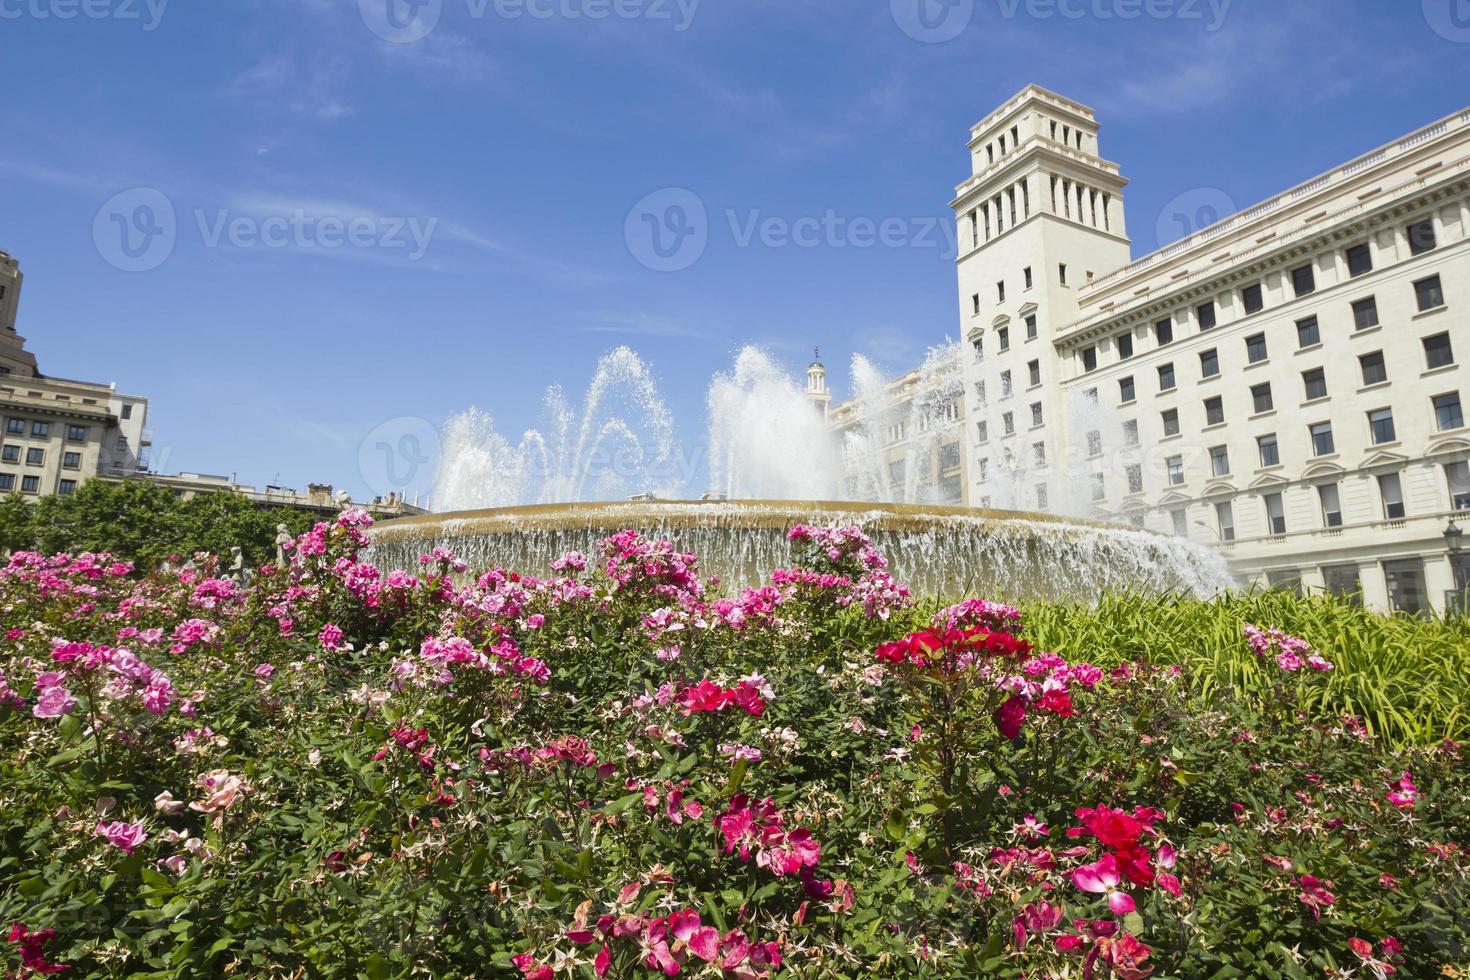 fleurs sur la place de la Catalogne. Barcelone, Espagne. photo